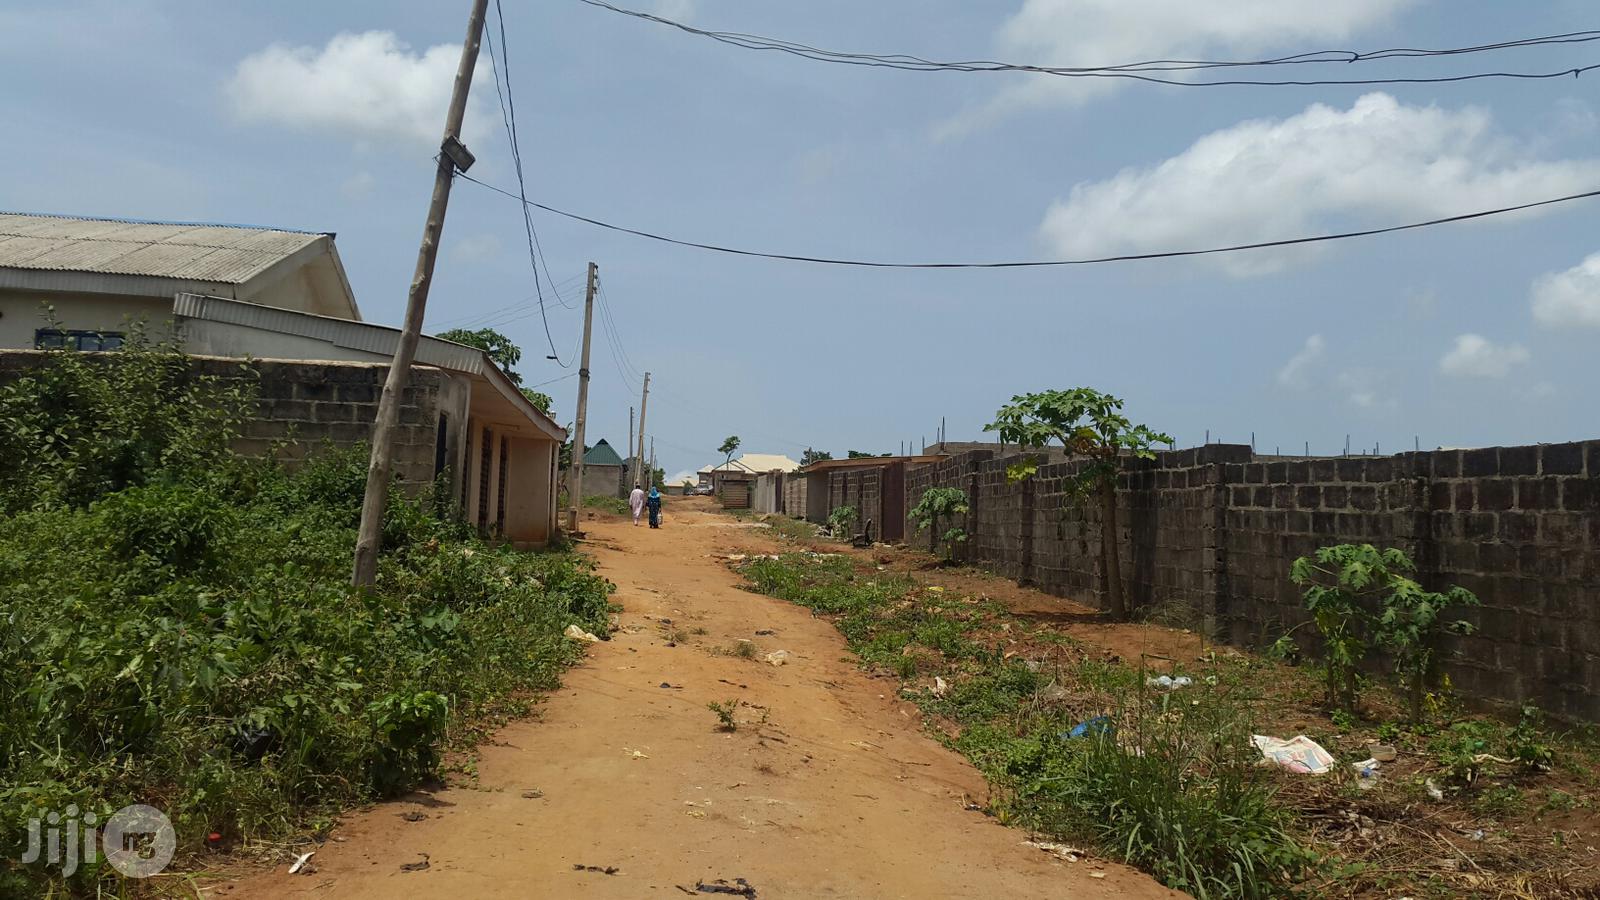 4 Bedroom Bungalow In Gbagidan Estate By Ijede Ikorodu For Sale